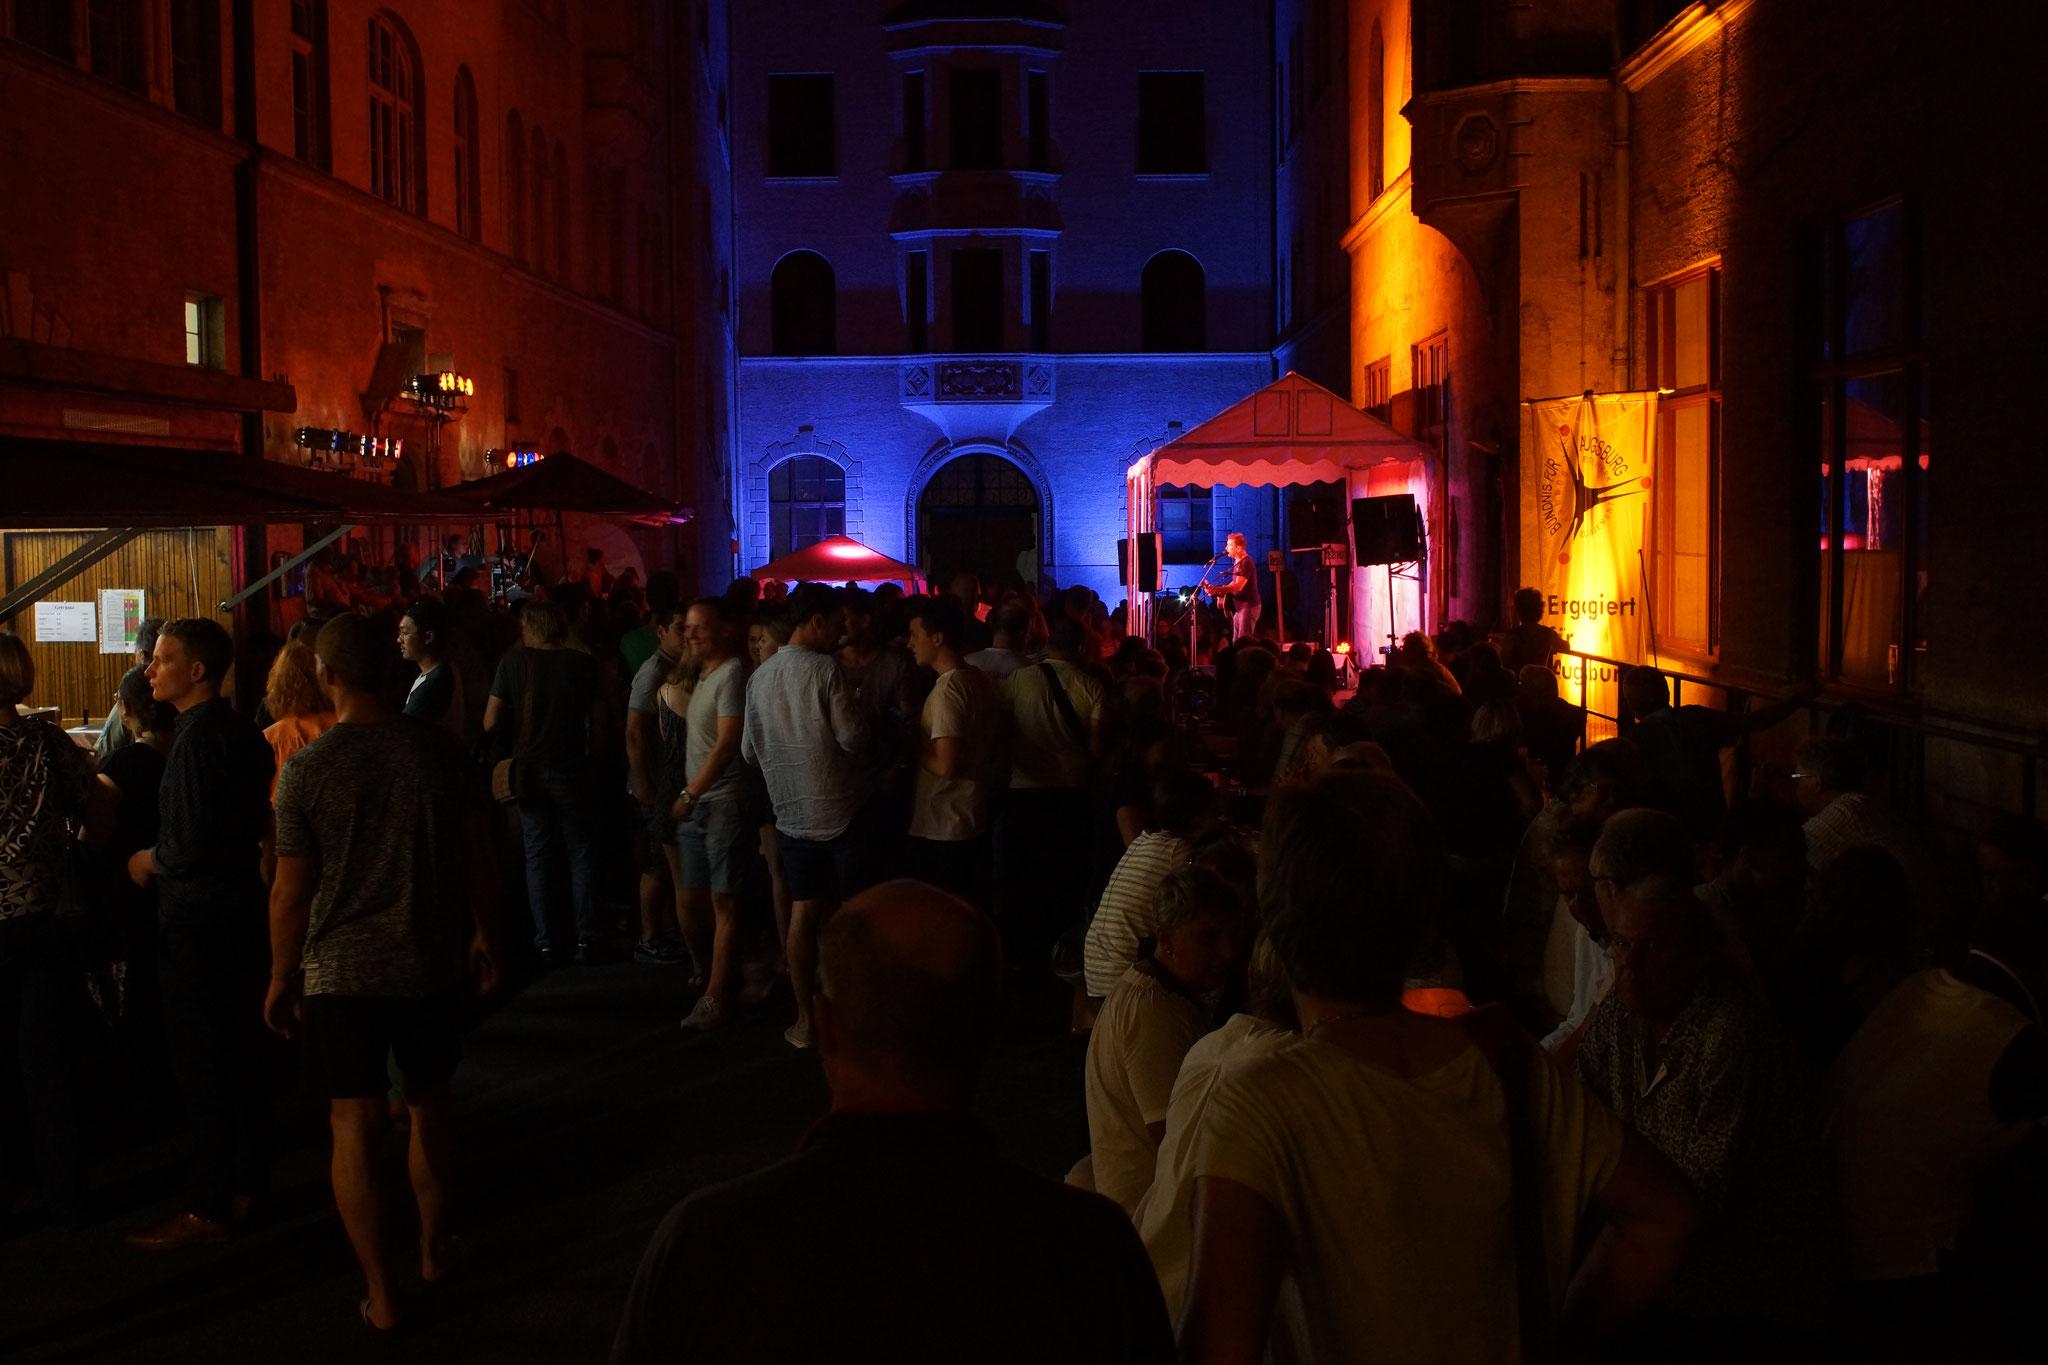 Konzerte im Bürgerhof 06.07.17 - Freiwilligen-Zentrum Augsburg - Foto: Crayfish